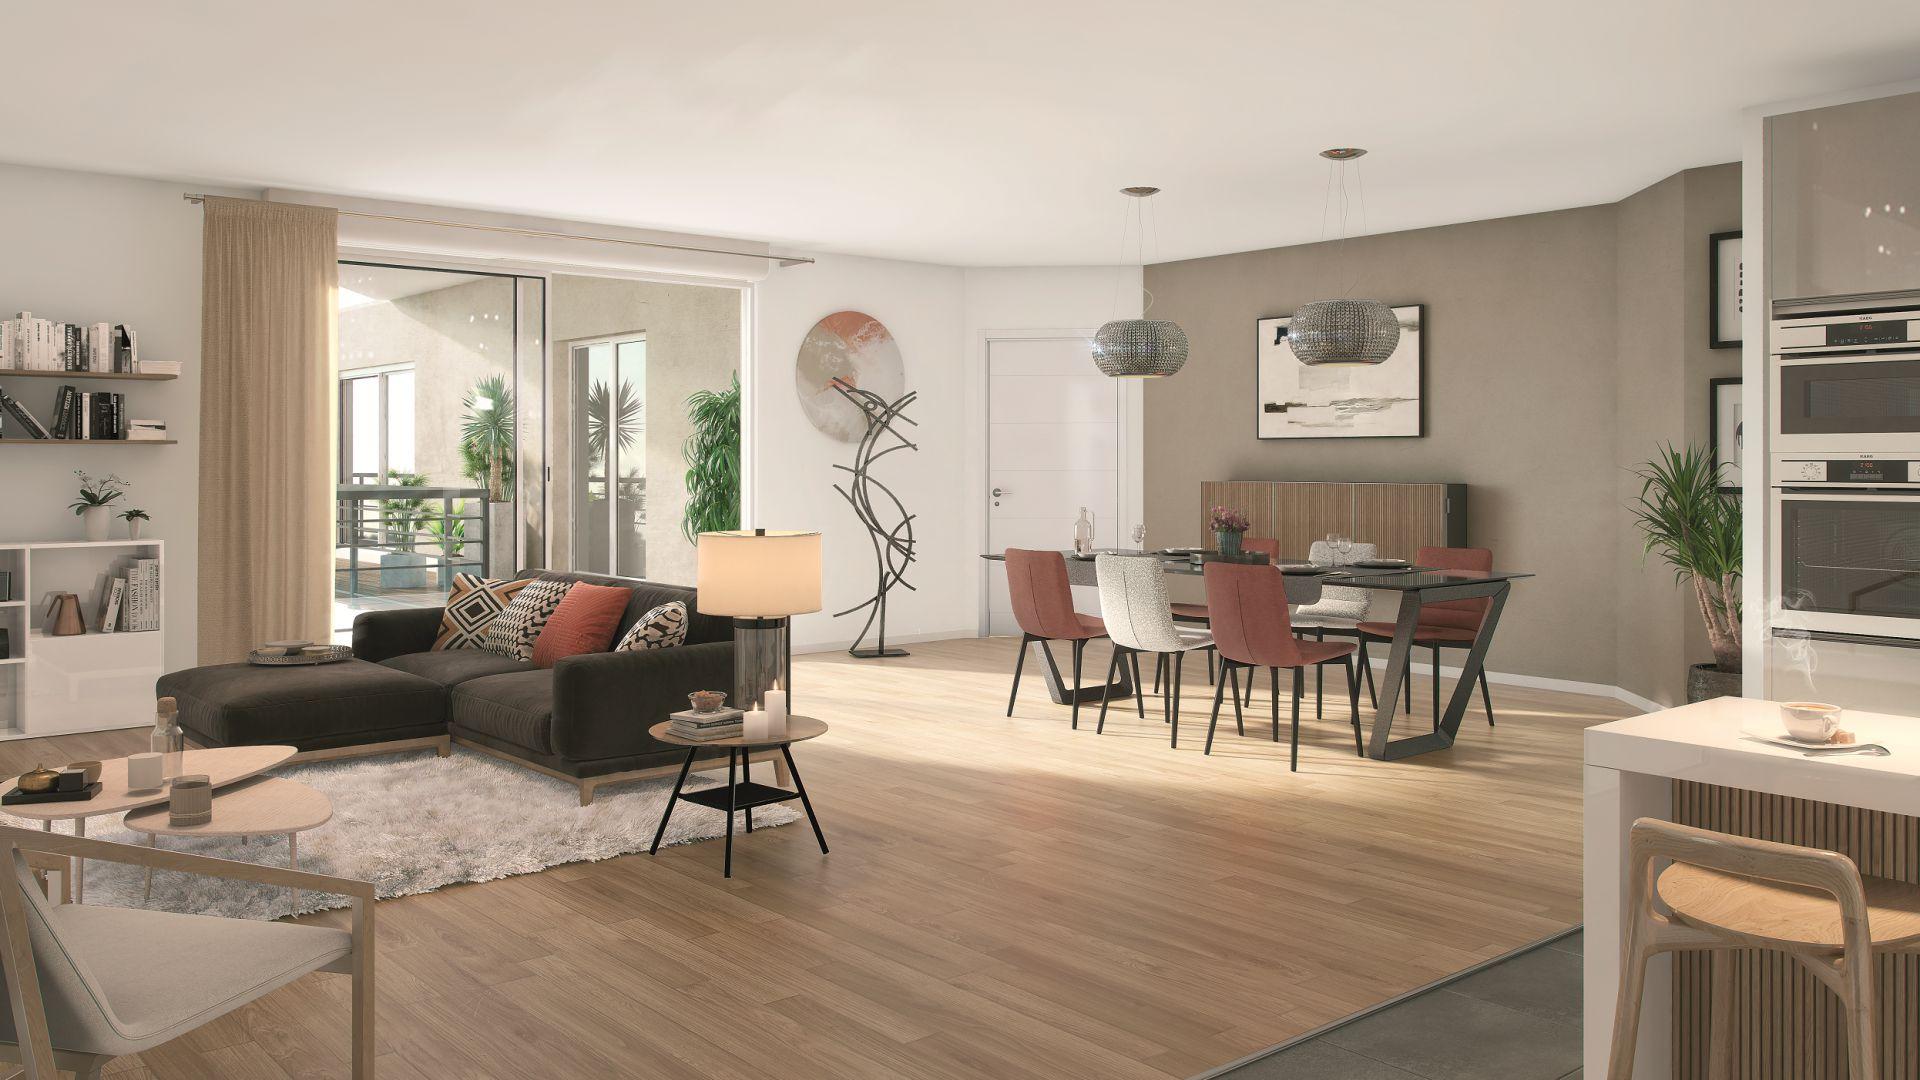 Greencity Immobilier - Résidence Le 26 Saint-Louis - 94100 Saint-Maur les Fossés - appartements neufs du T2 au T4 - vue intérieure